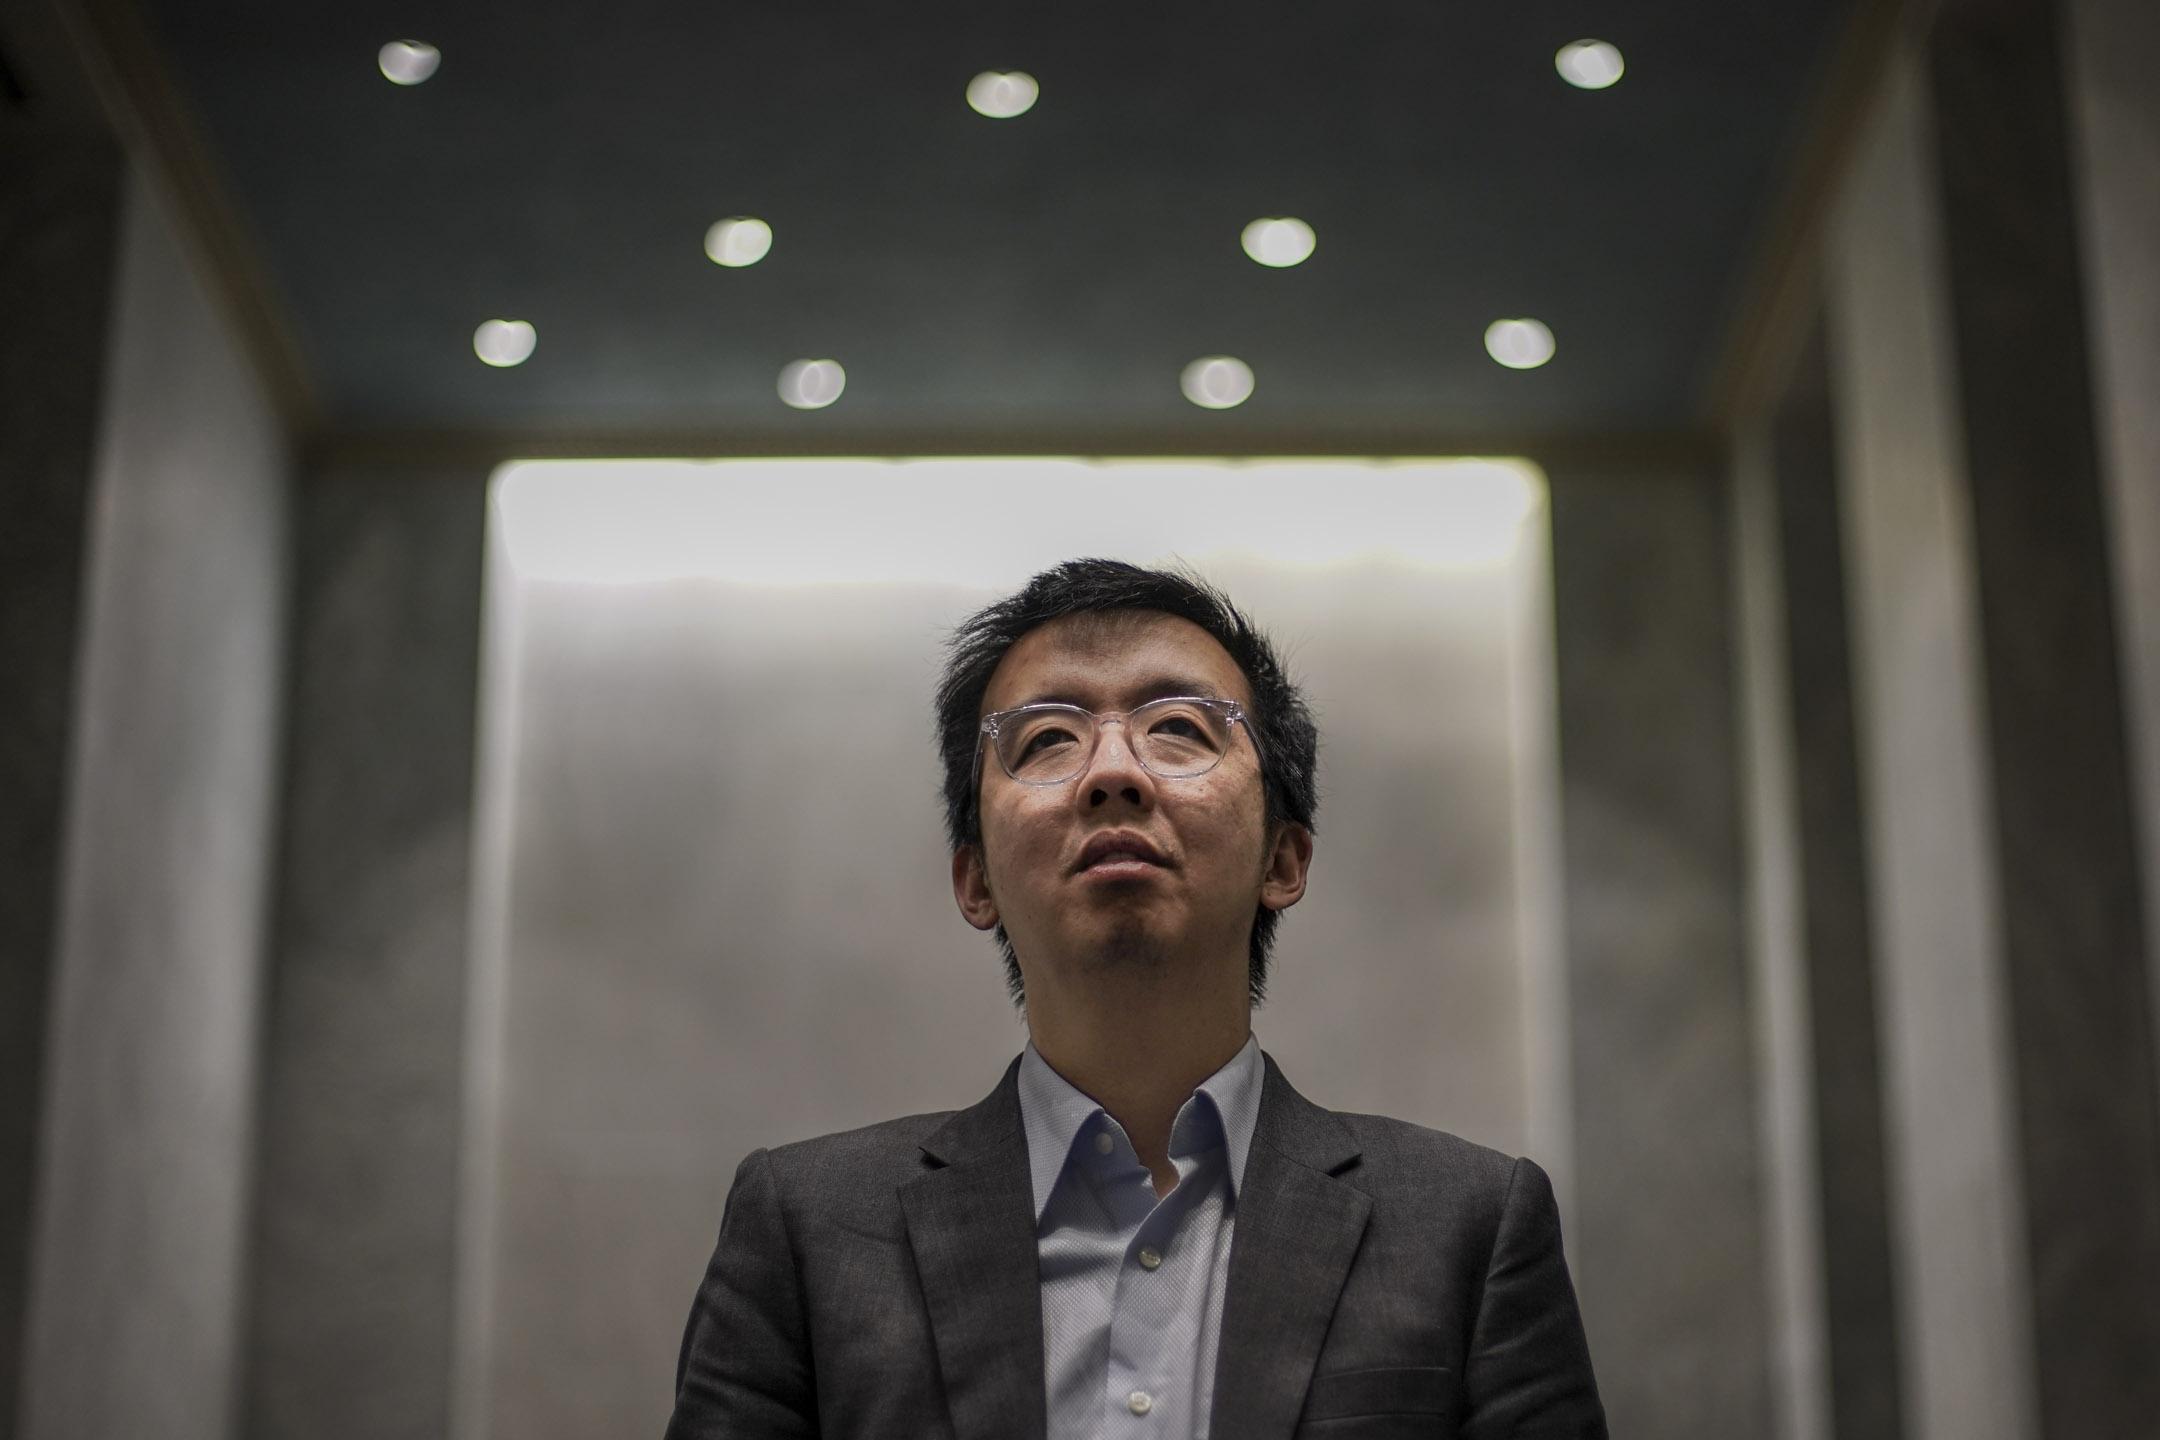 42歲的朱牧民(Samuel M. Chu)在美國生活三十年,仍視香港為家鄉,在美國 為香港的自由民主奔走。